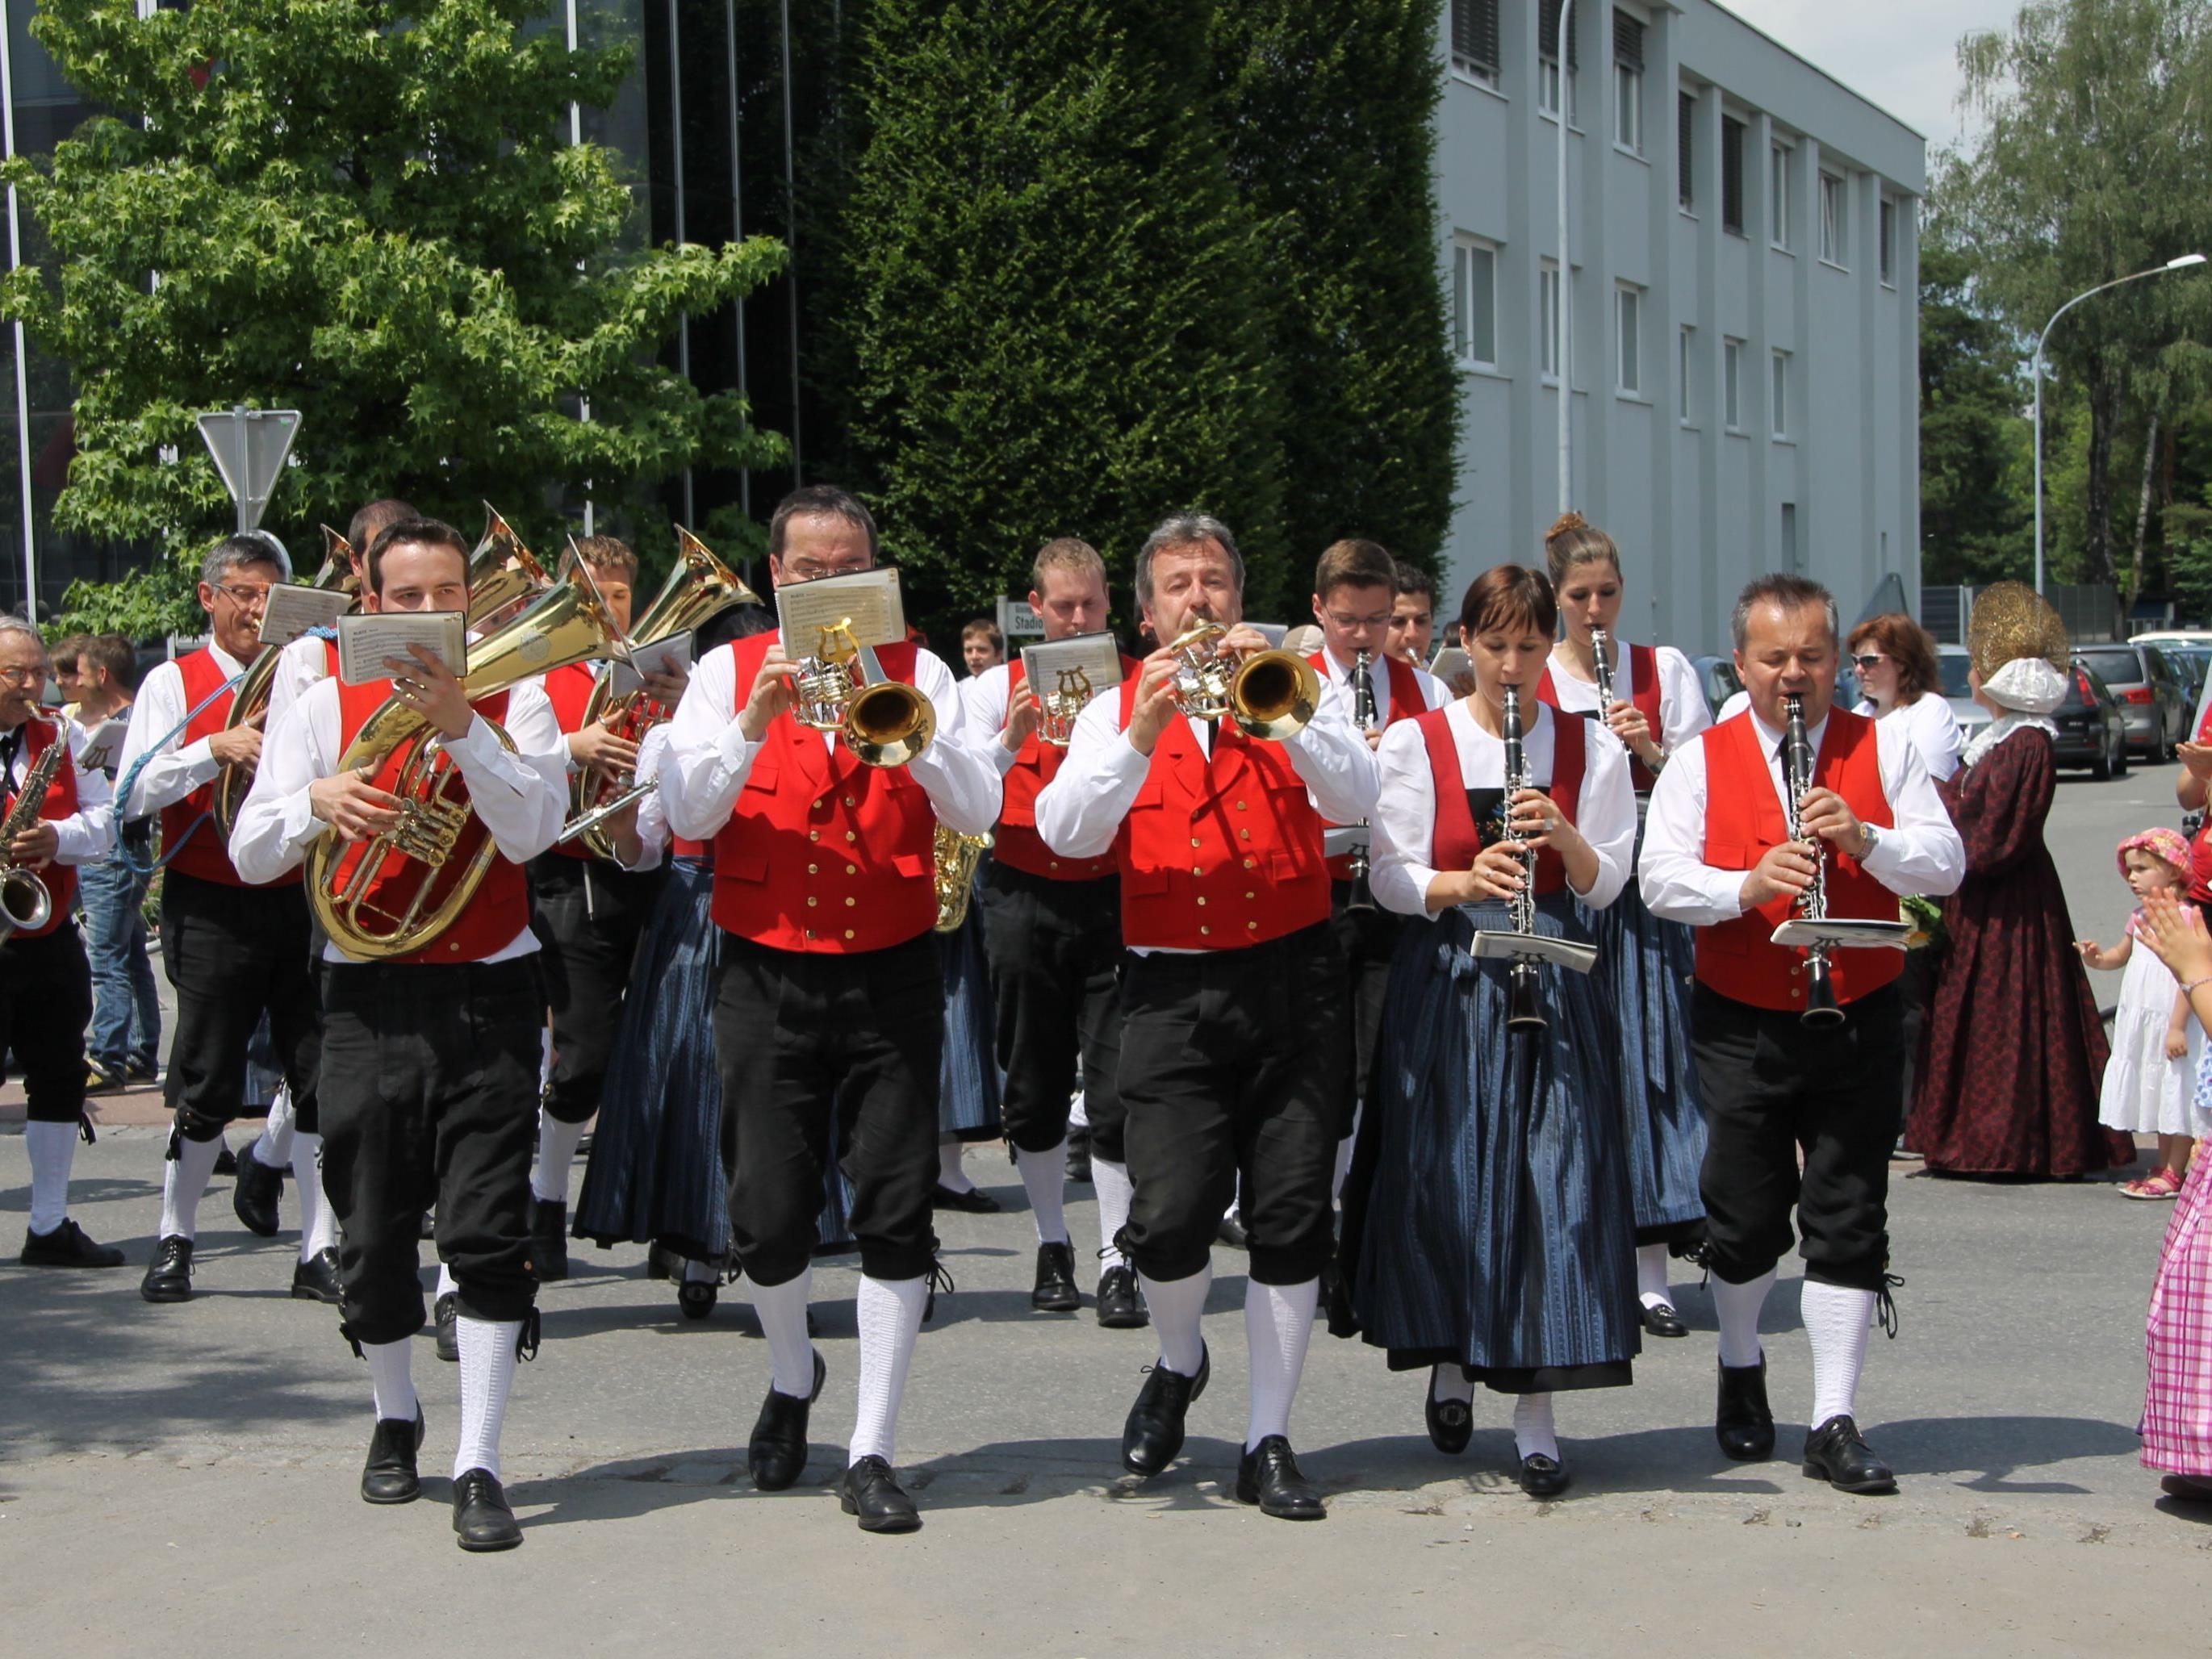 Festumzug der Musikvereine und Nofler Vereine